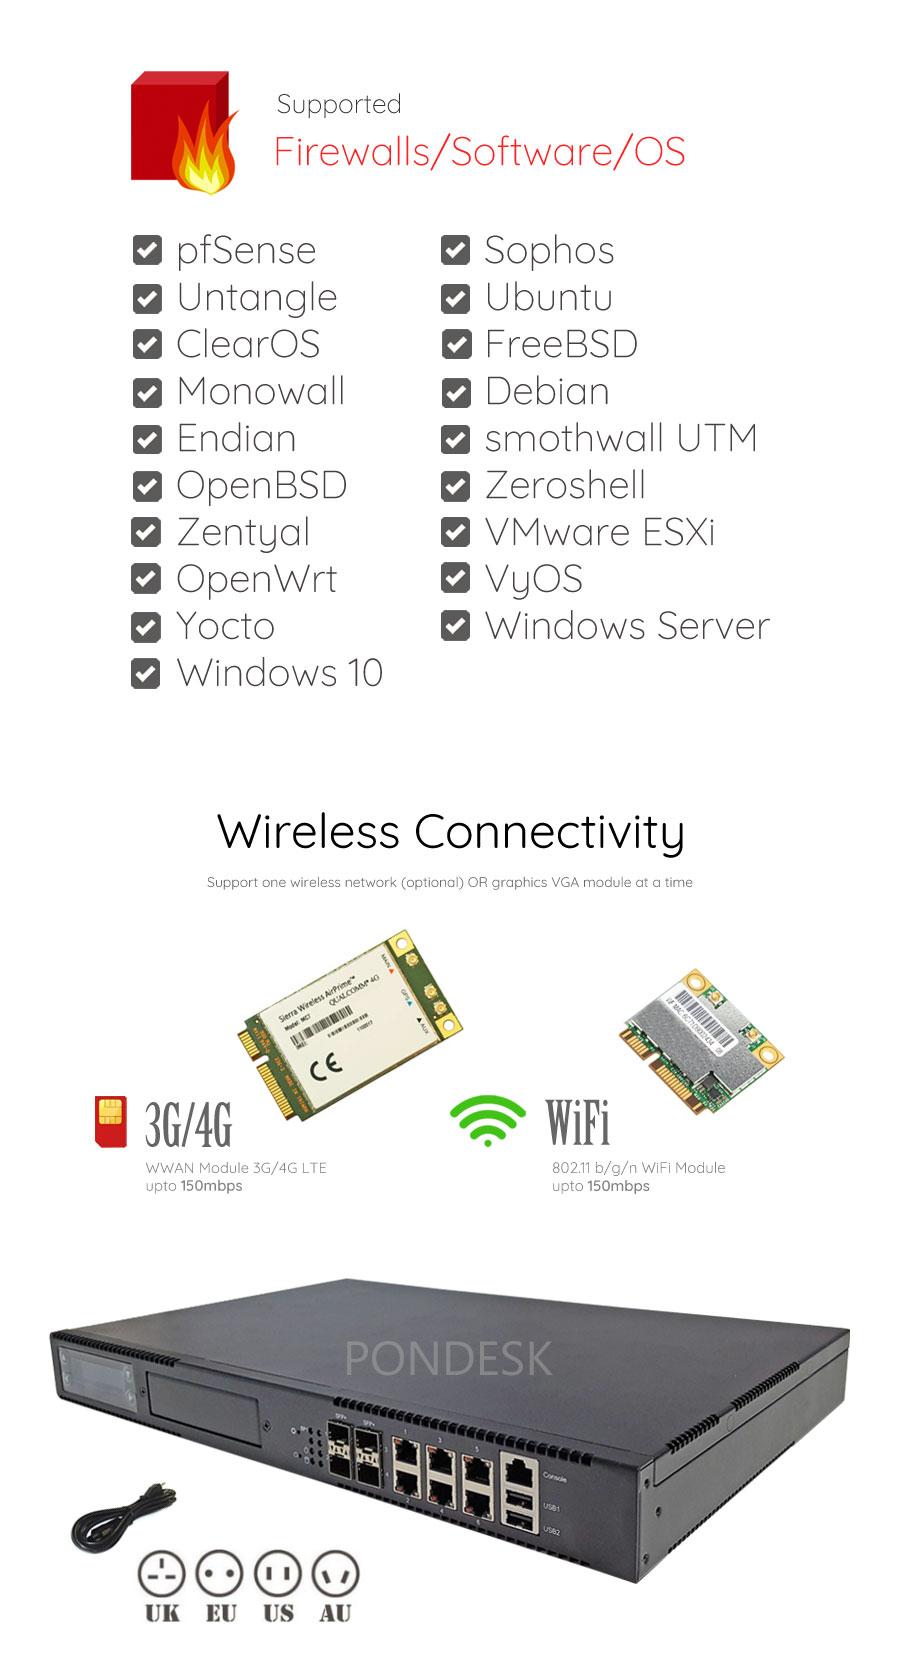 Intel Atom C3758 8 Core 6 LAN 10Gig SFP+ 1U Rackmount Server - NSHO-004   Image